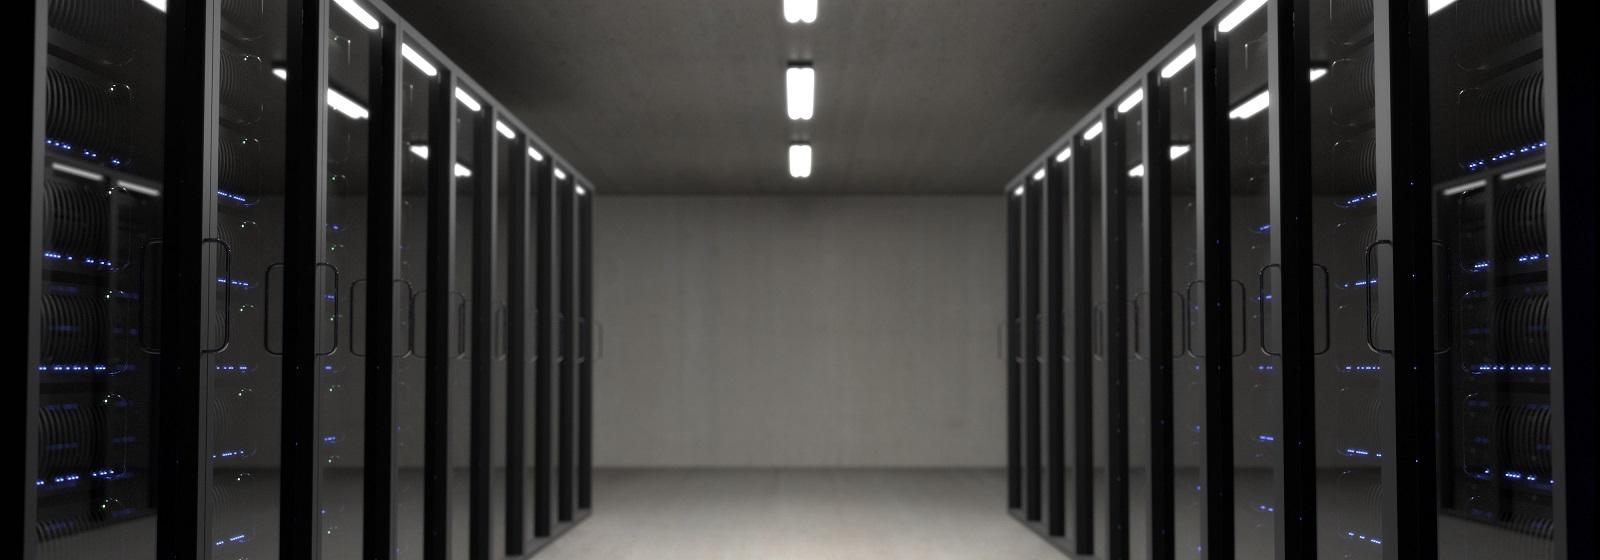 mikr.us - Darmowe serwery VPS do nauki